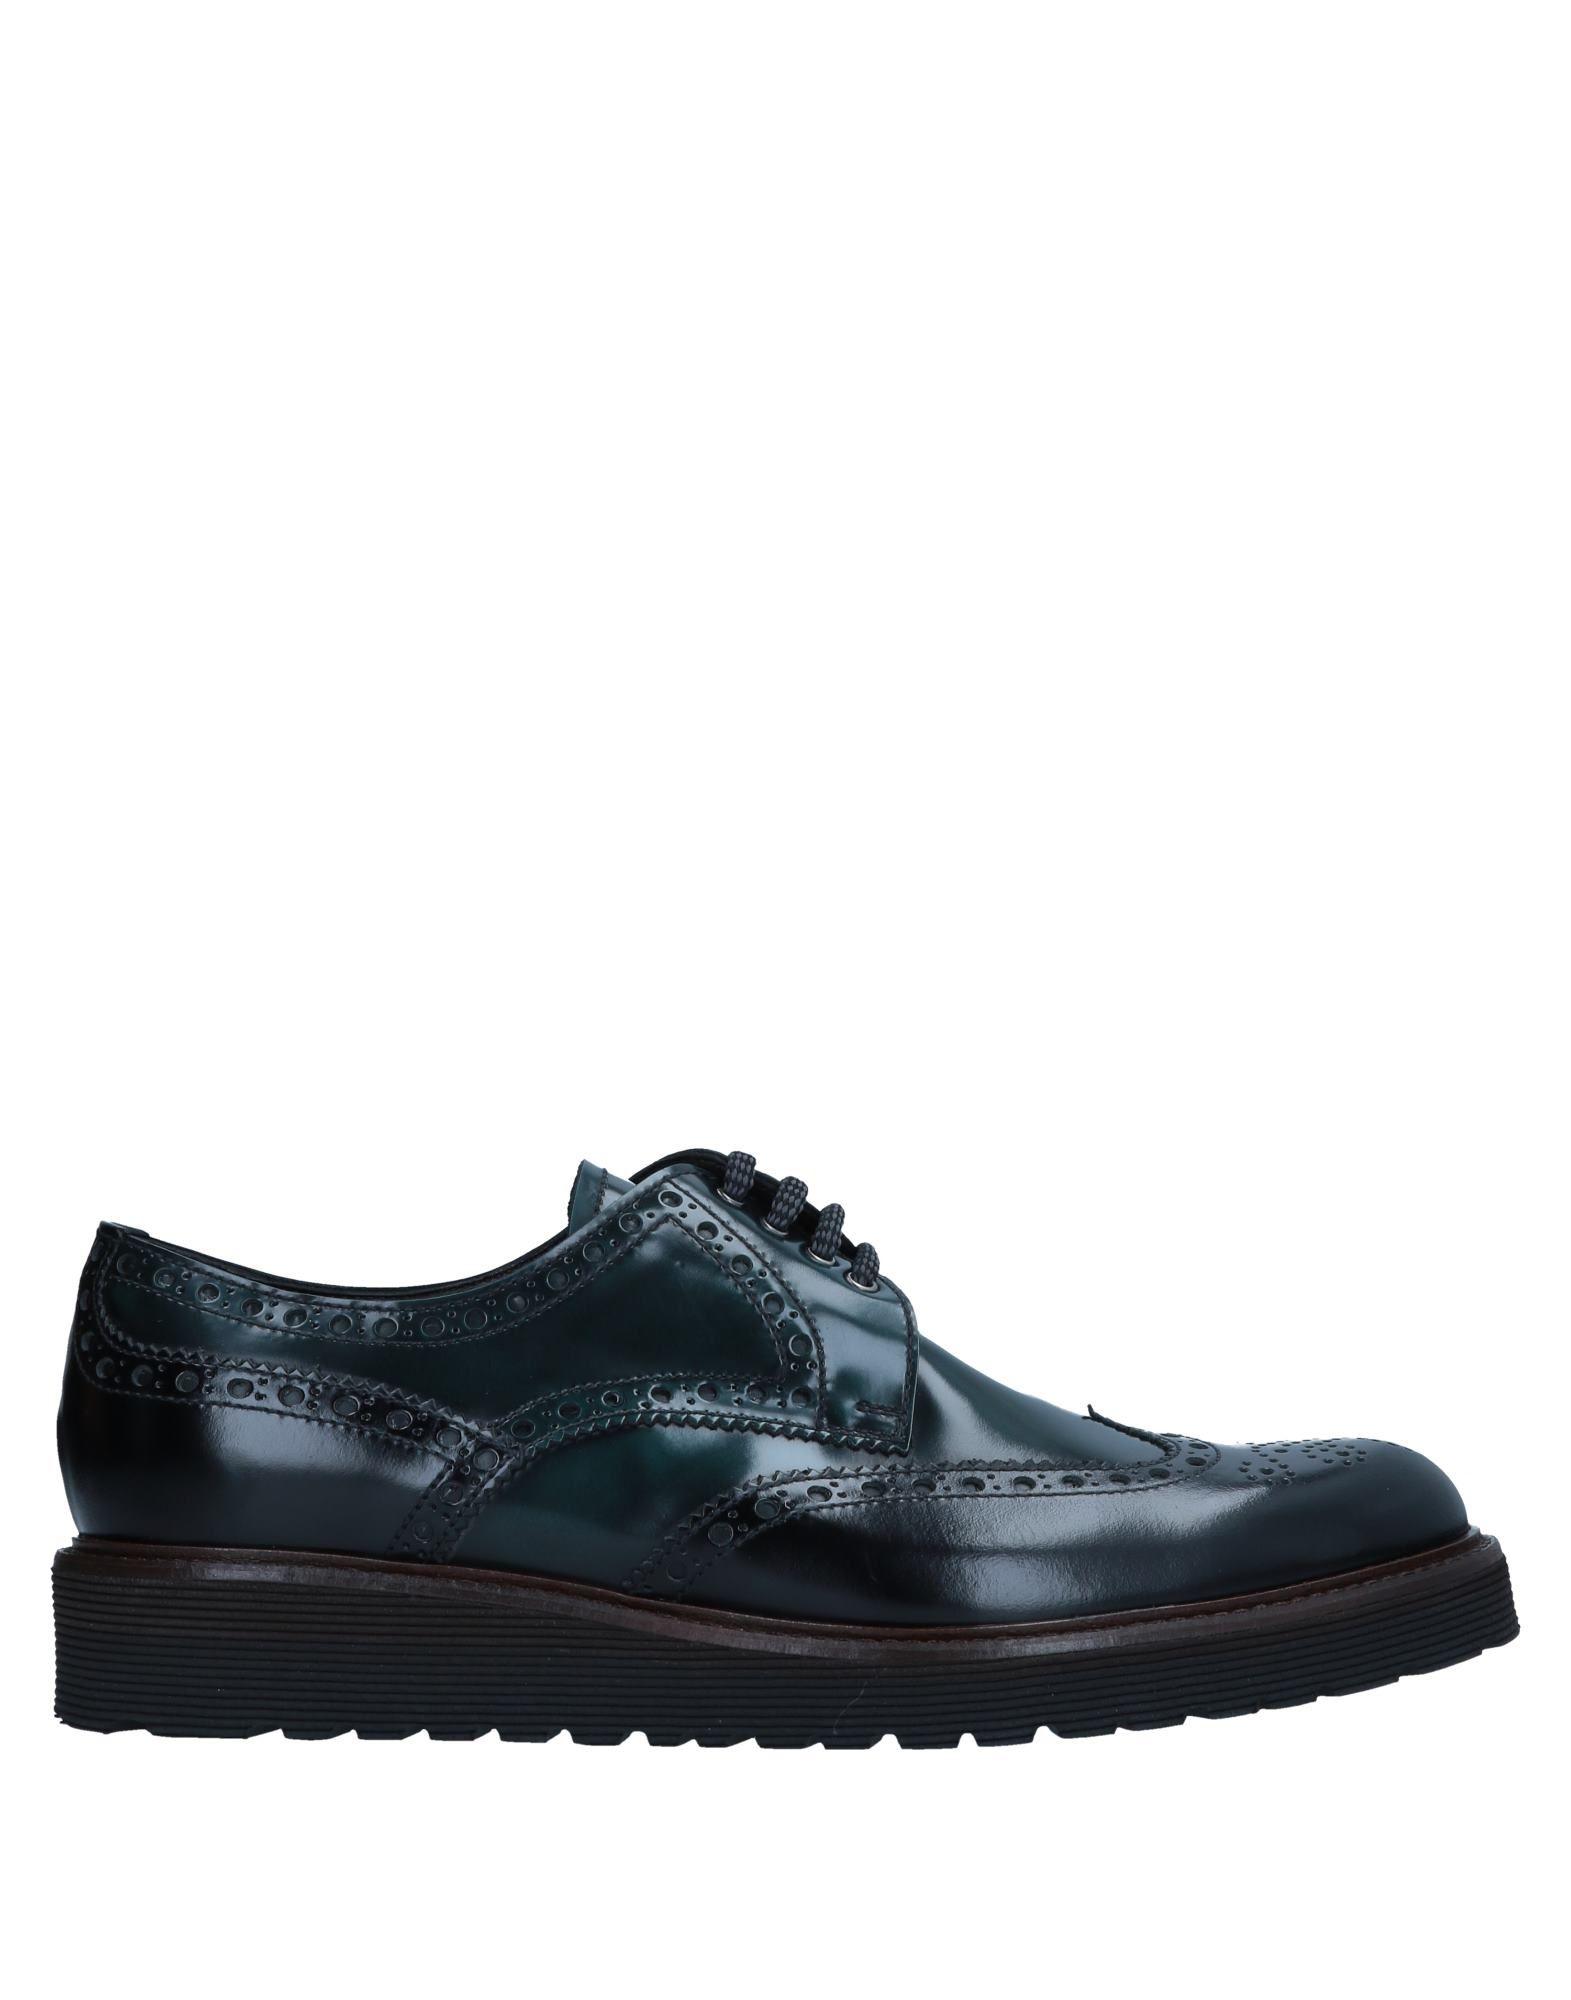 Blu|Barrett By Barrett Schnürschuhe Herren  11545415EI Gute Qualität beliebte Schuhe